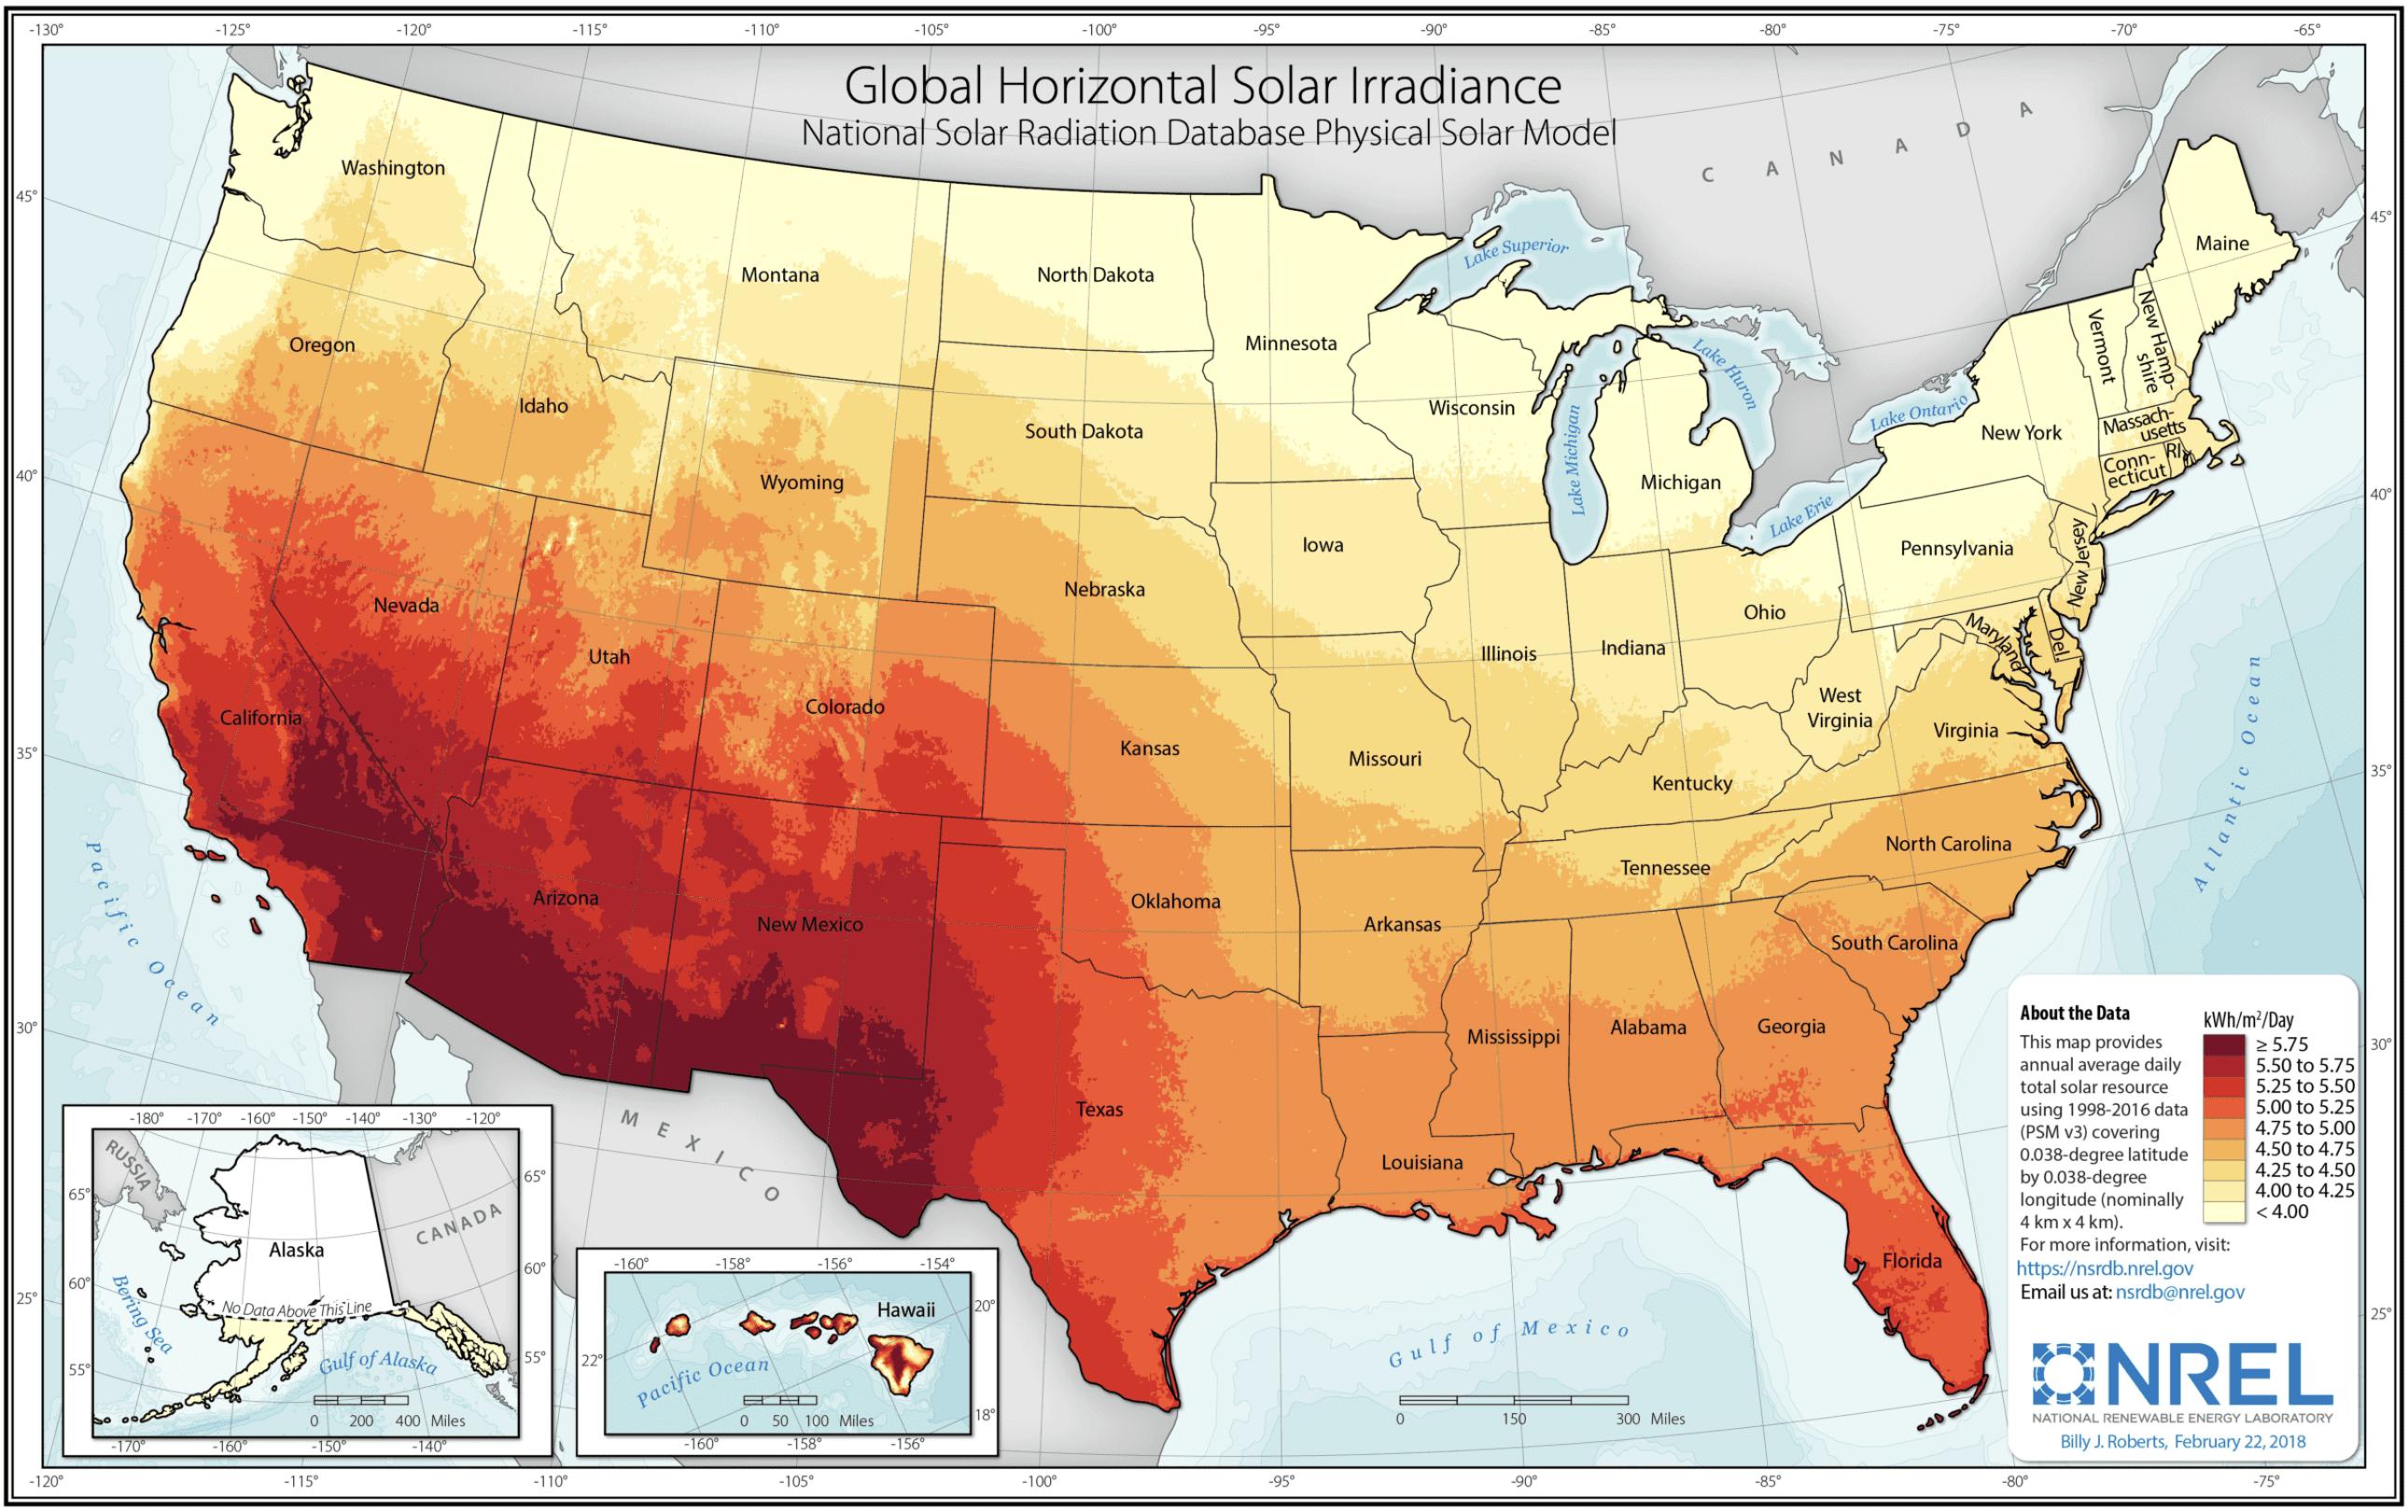 NREL Solar Irradiance Map U.S.